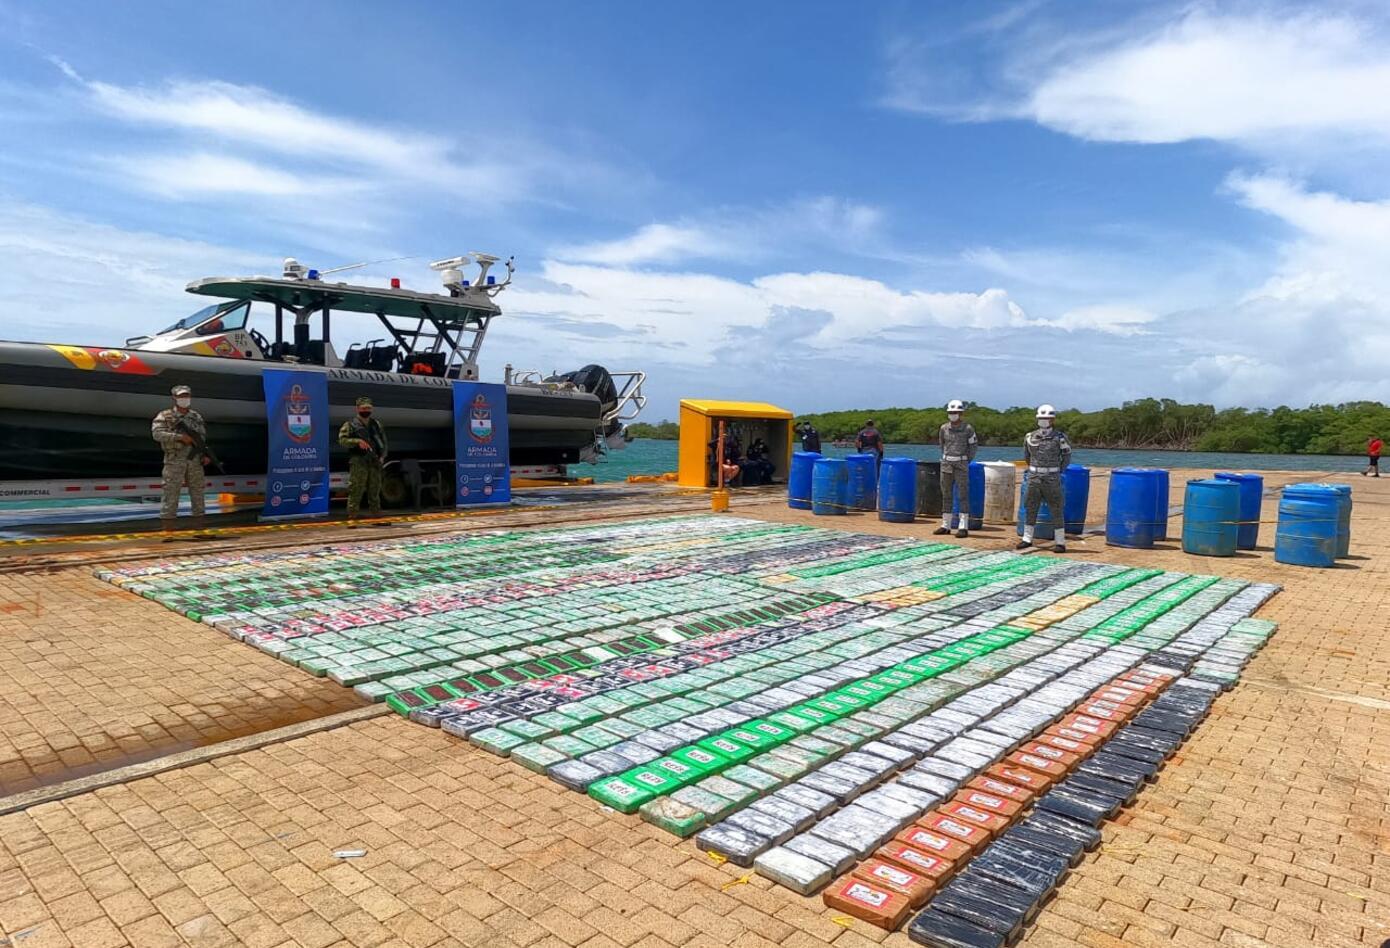 Recuperado del mar Alijo, alcaloides que era transportado hacia Centroamérica